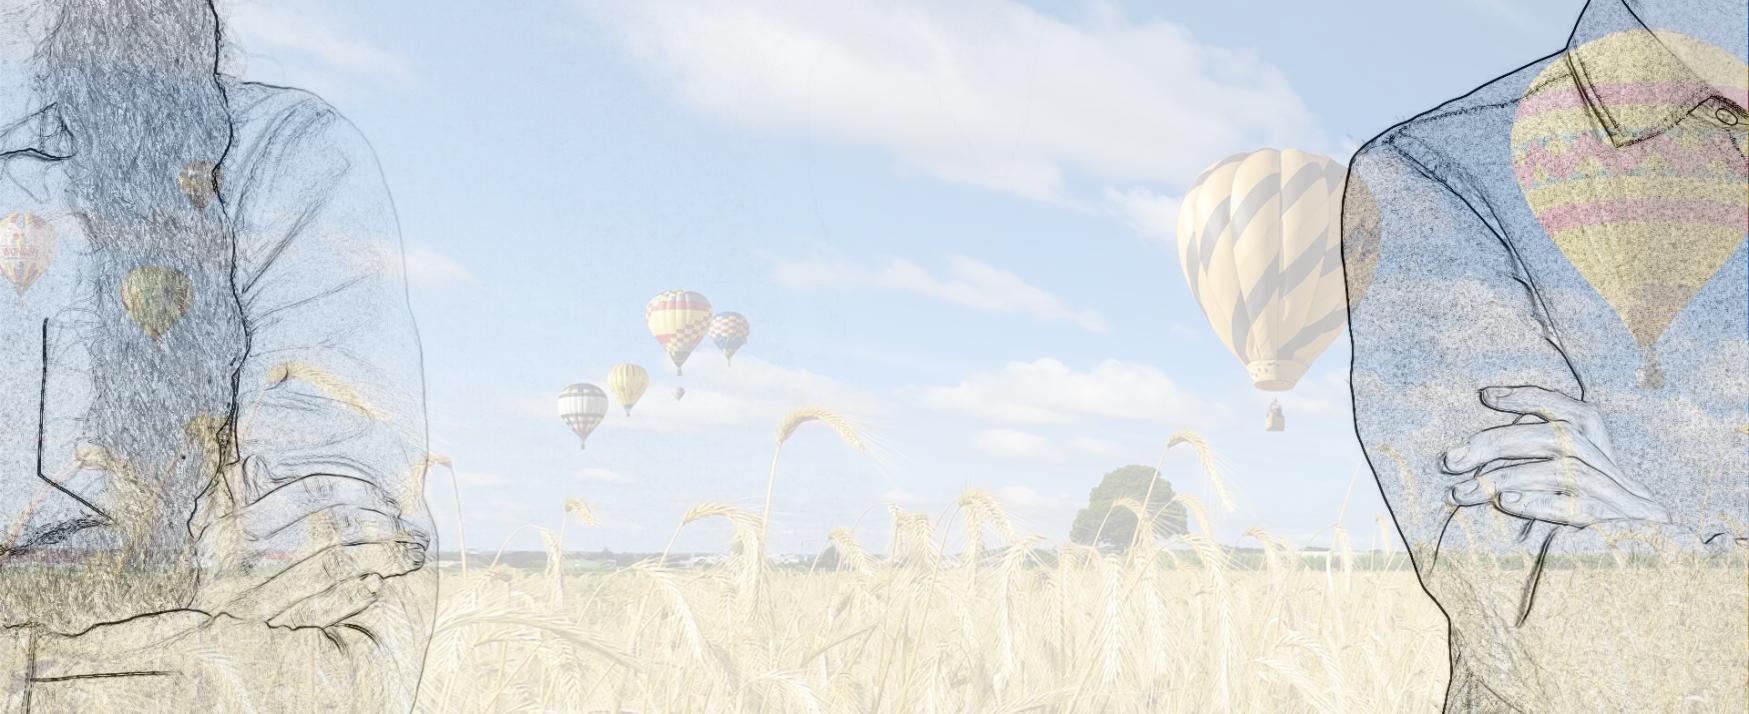 ballons_mit_schultern_banner